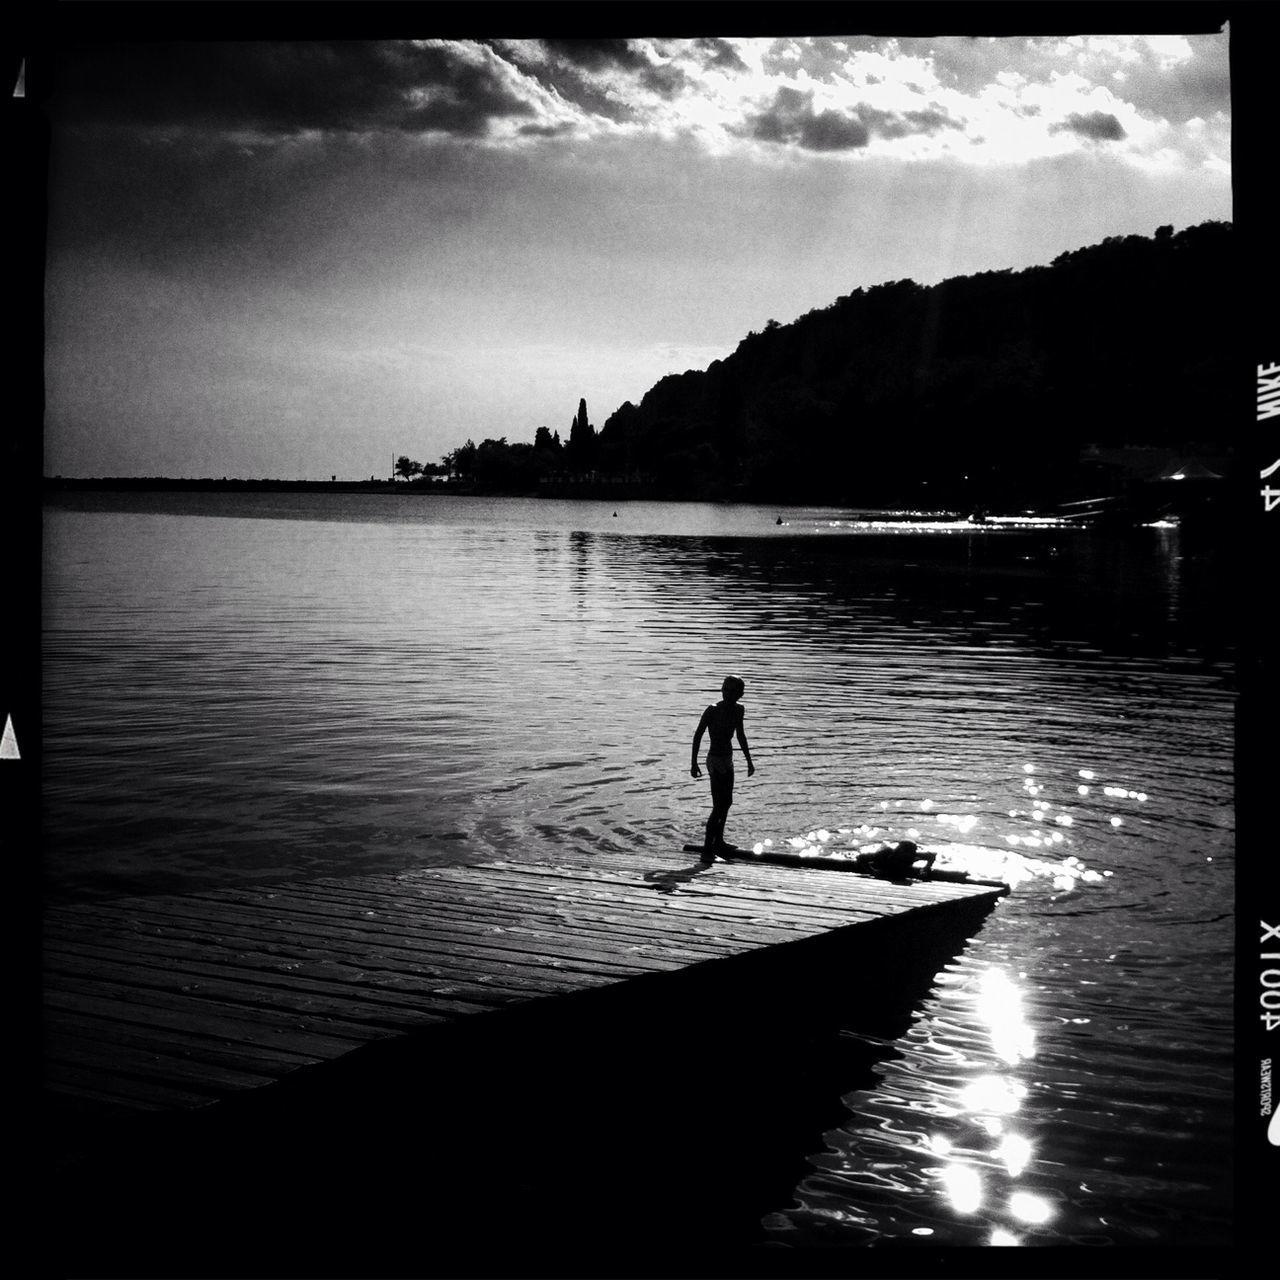 Boy on pier in lake